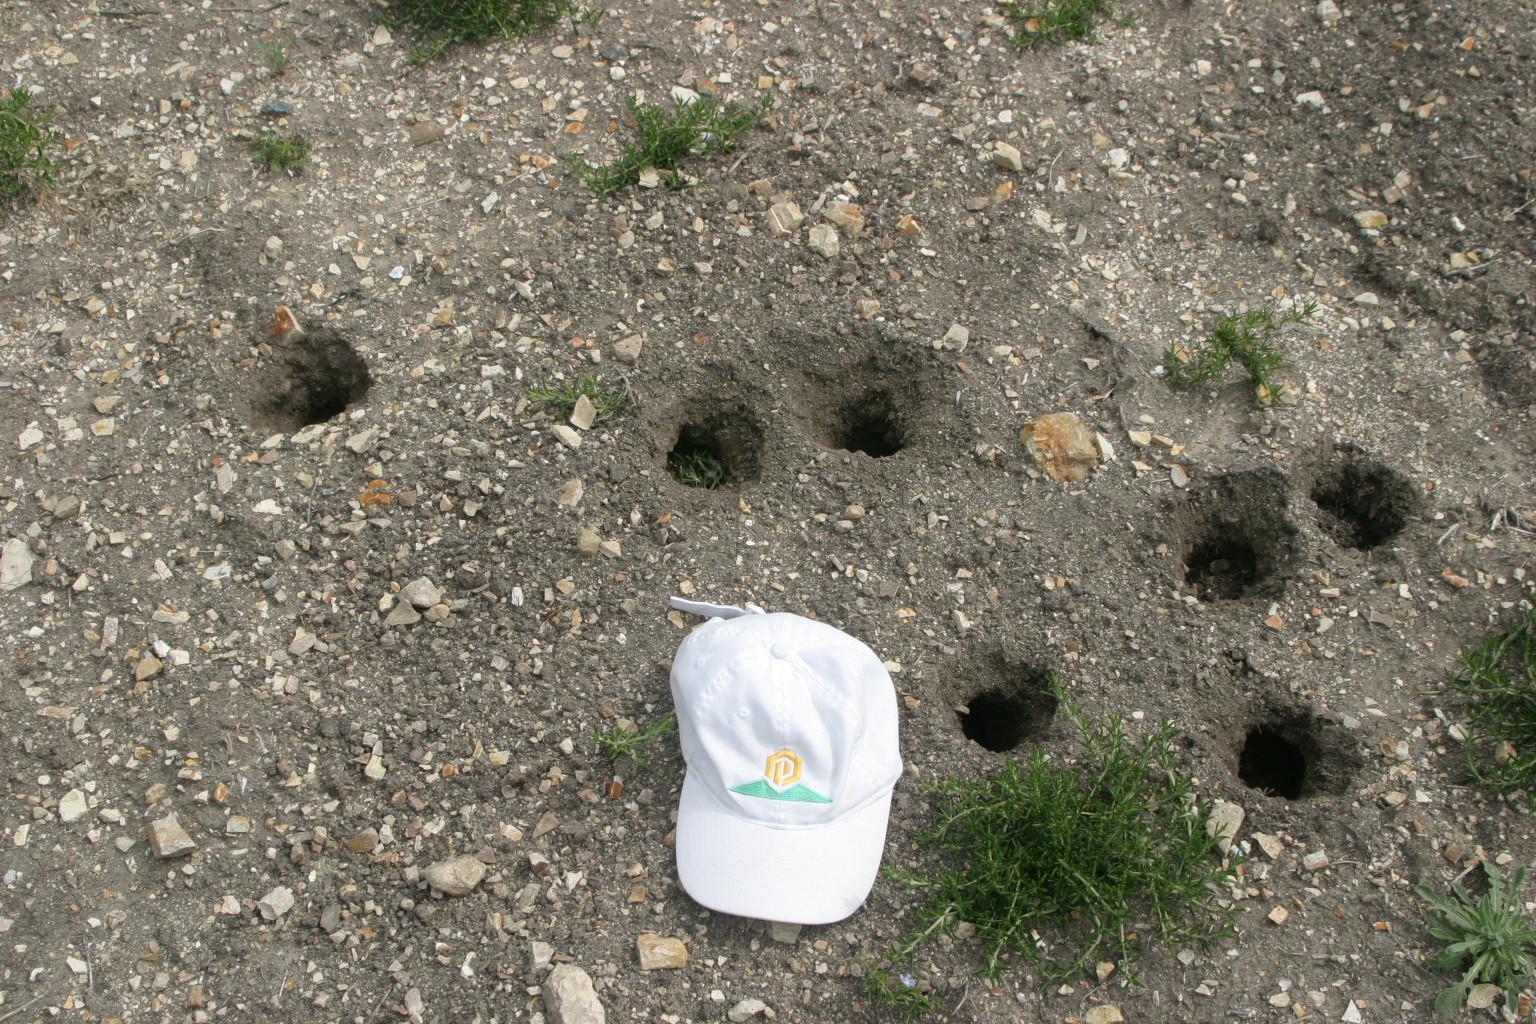 Gopher holes